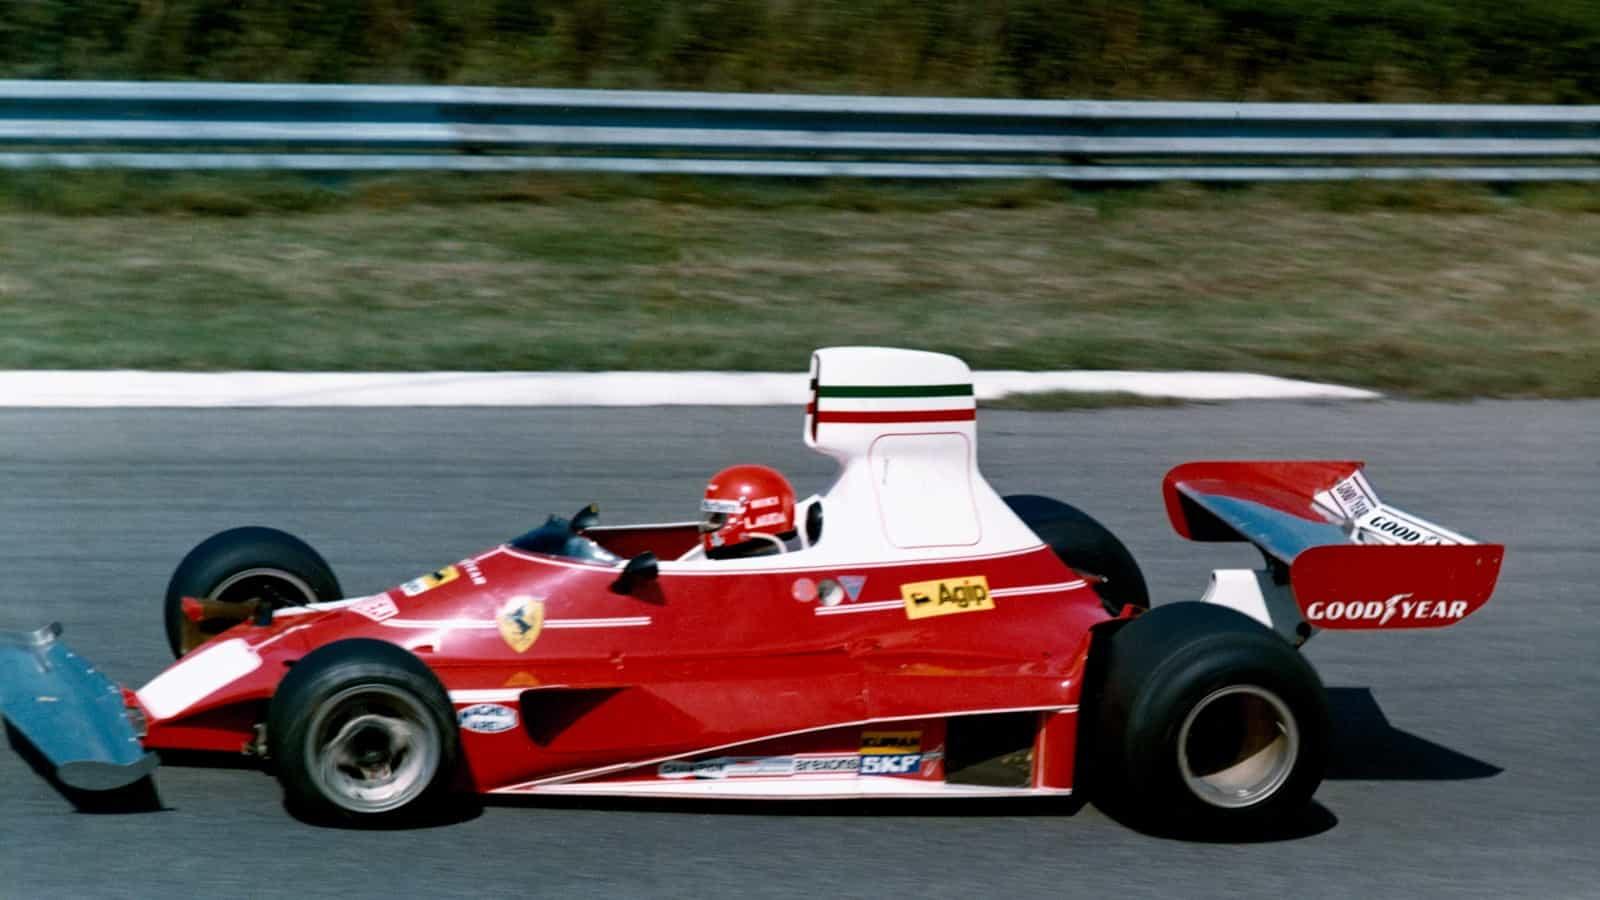 Niki Lauda Ferrari 312T Belgian GP F1 1975